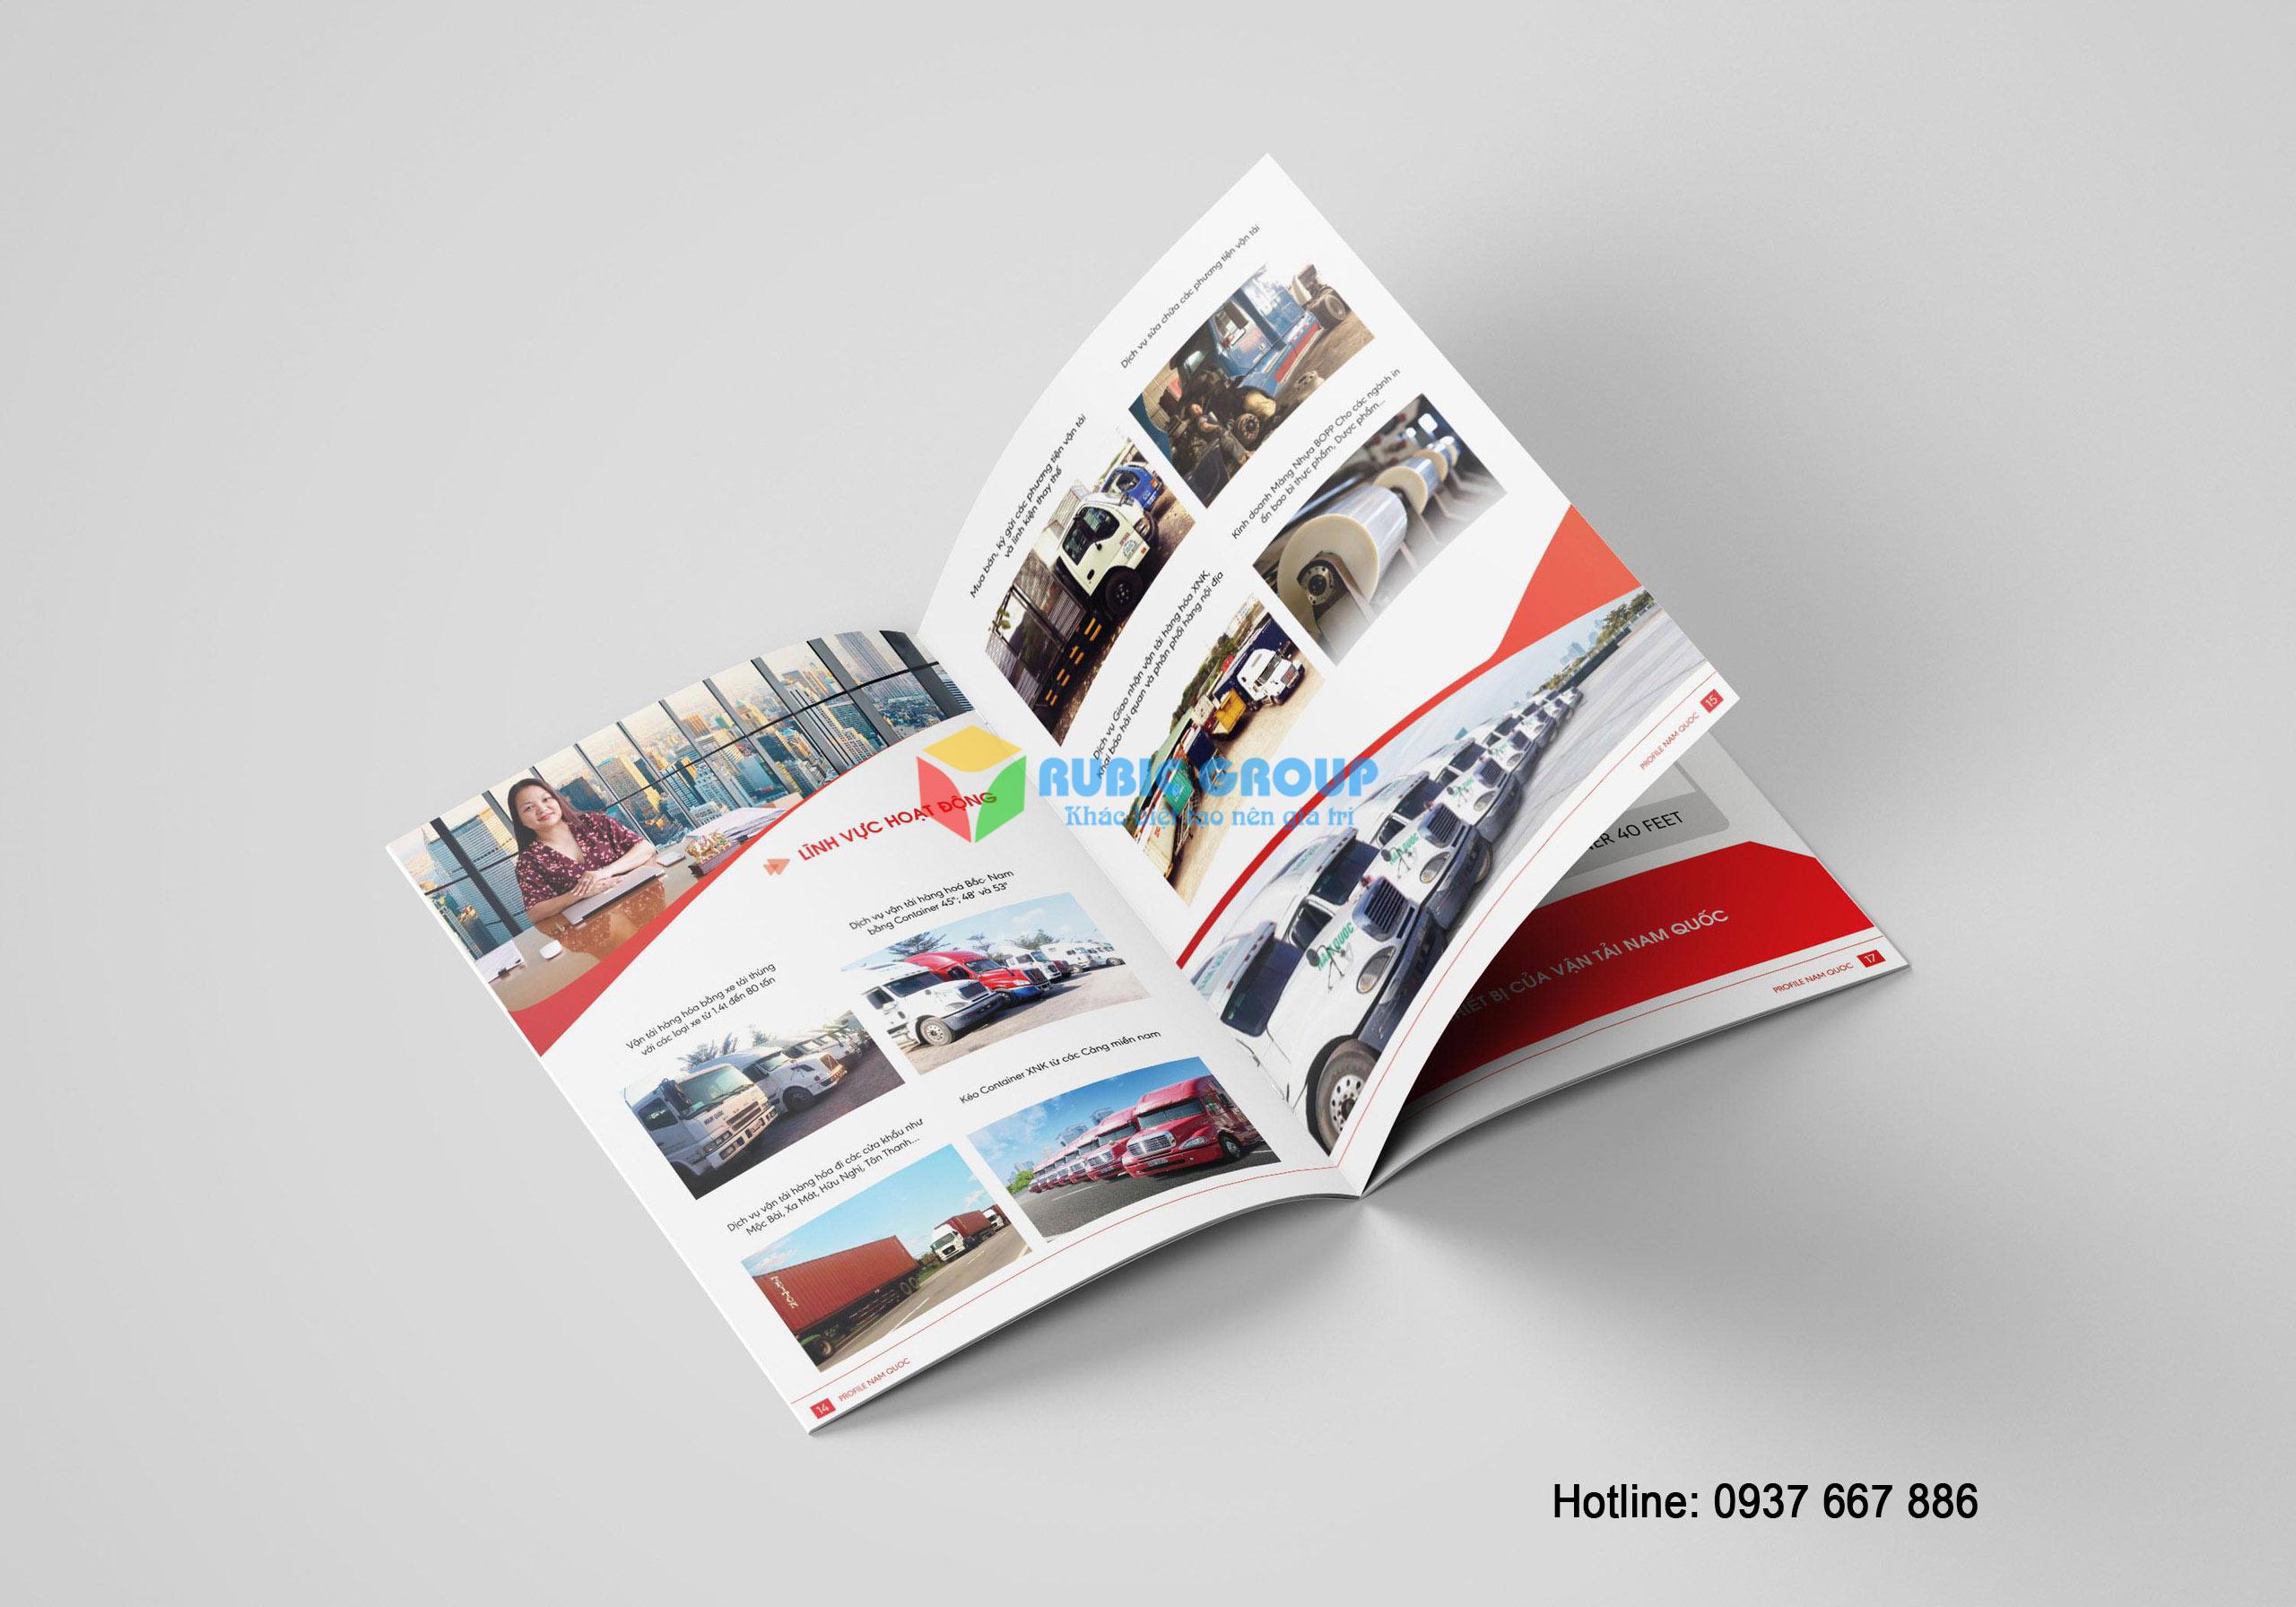 thiết kế hồ sơ năng lực vận tải nam quốc 3